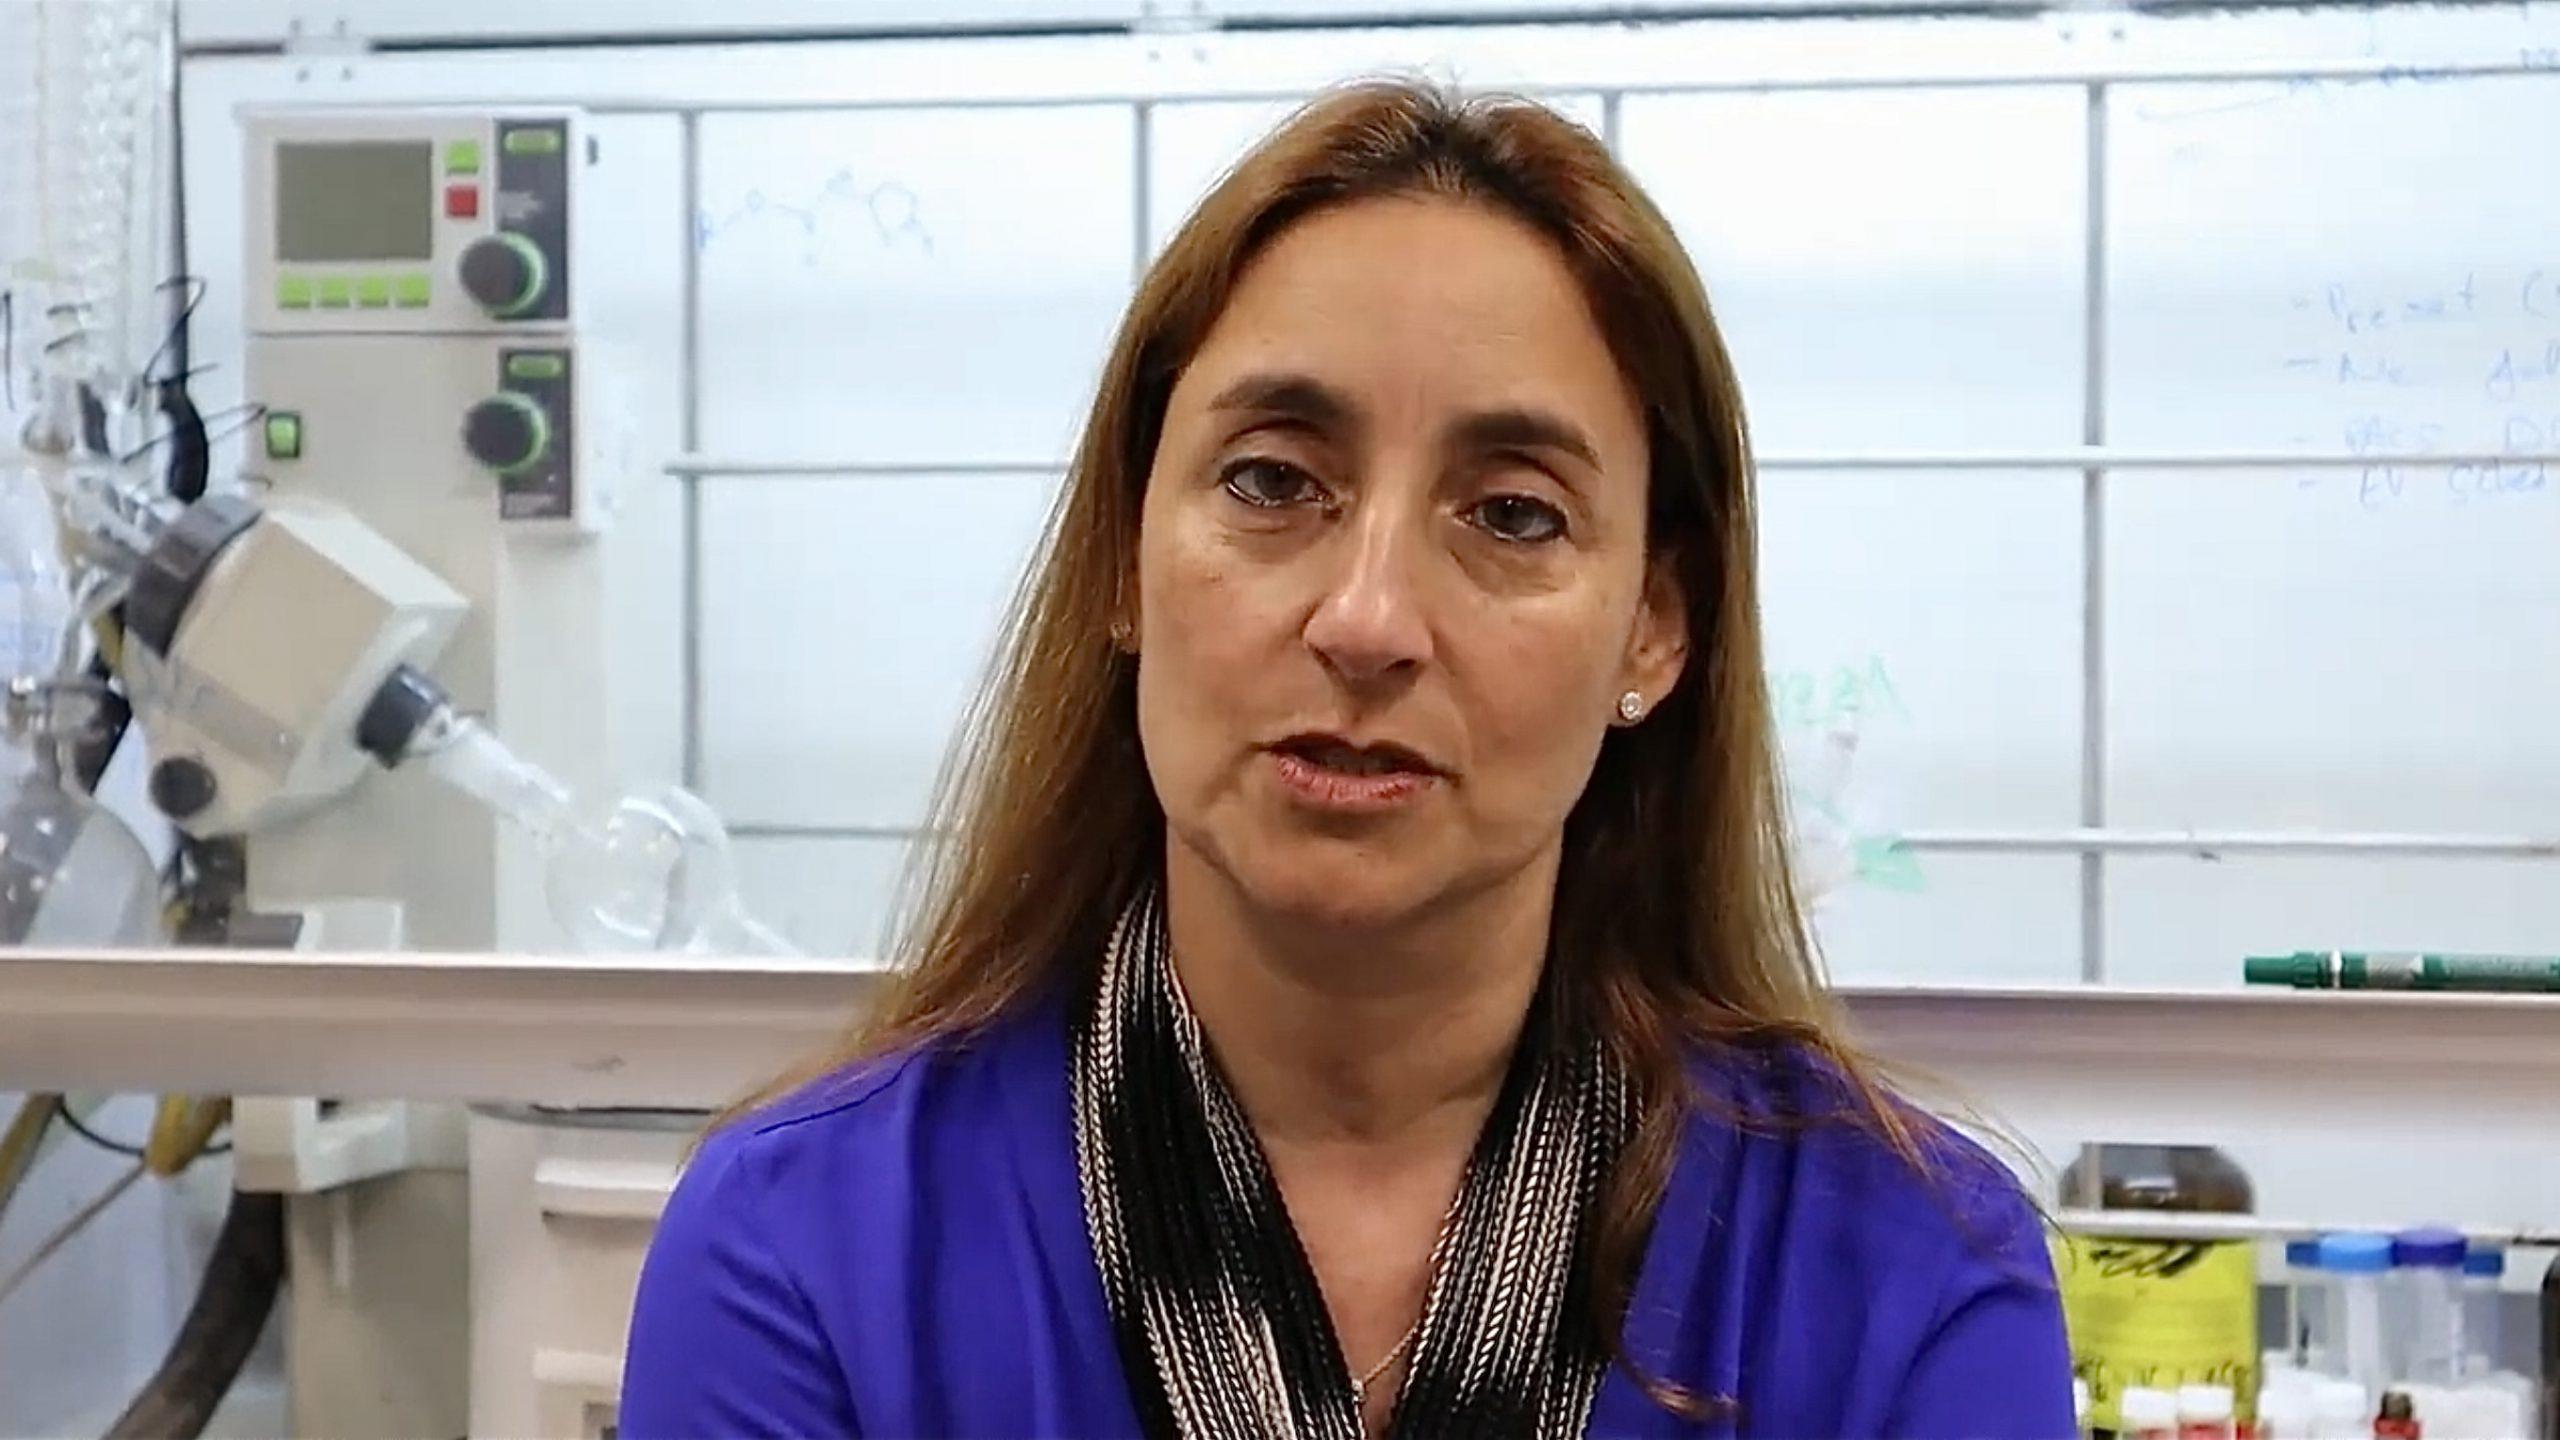 Рак мозга: профессор Ронит Сатчи-Файнаро